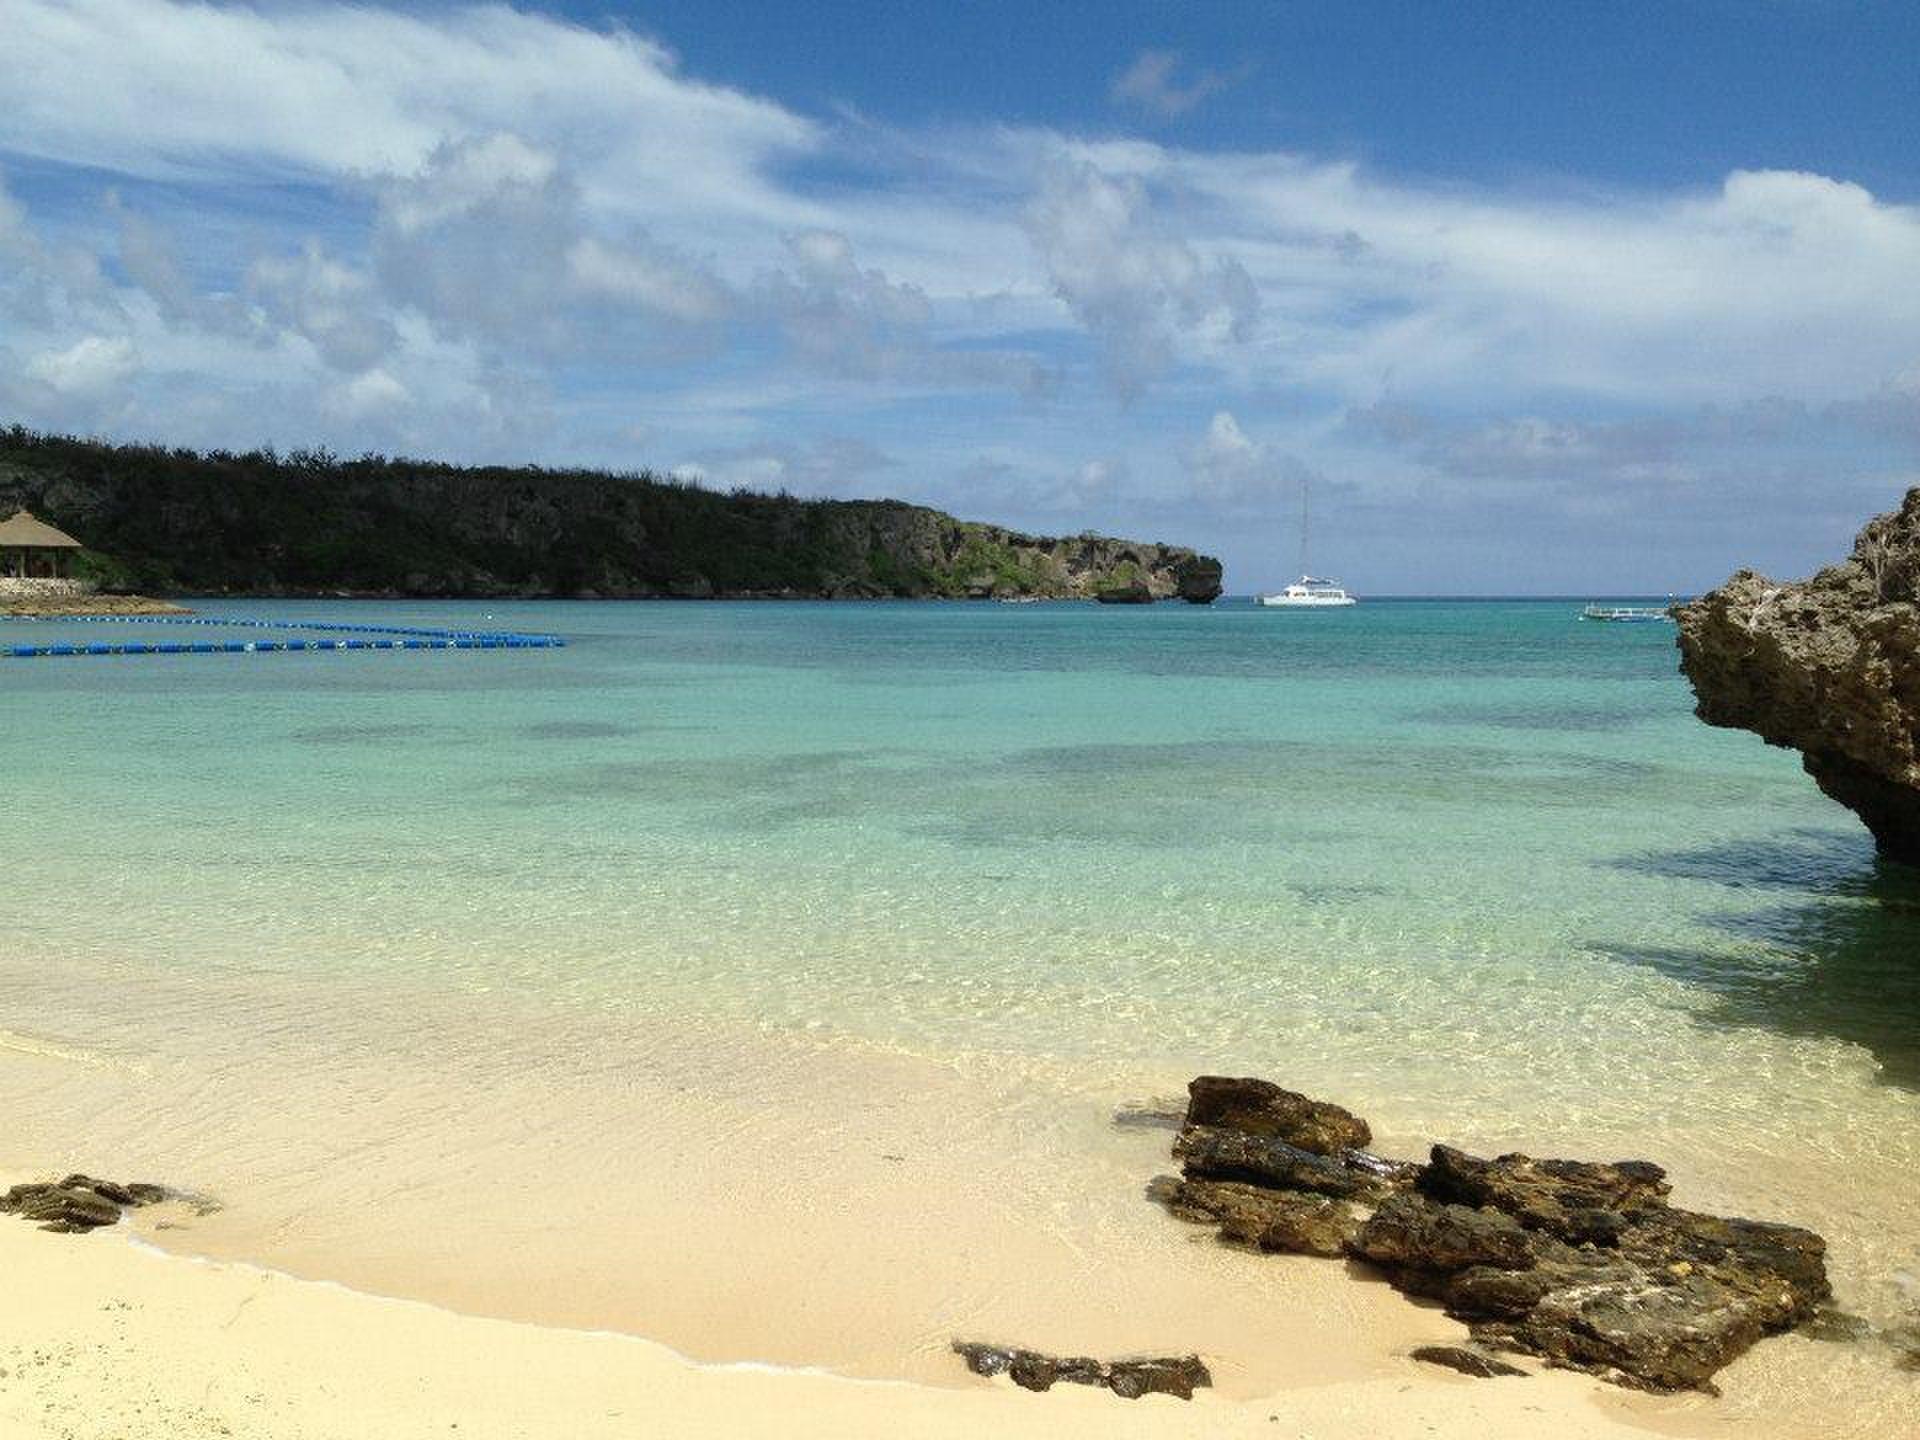 【沖縄旅行の絶対外せないオススメスポット】最後は海人の案内で絶景夕日スポットへ